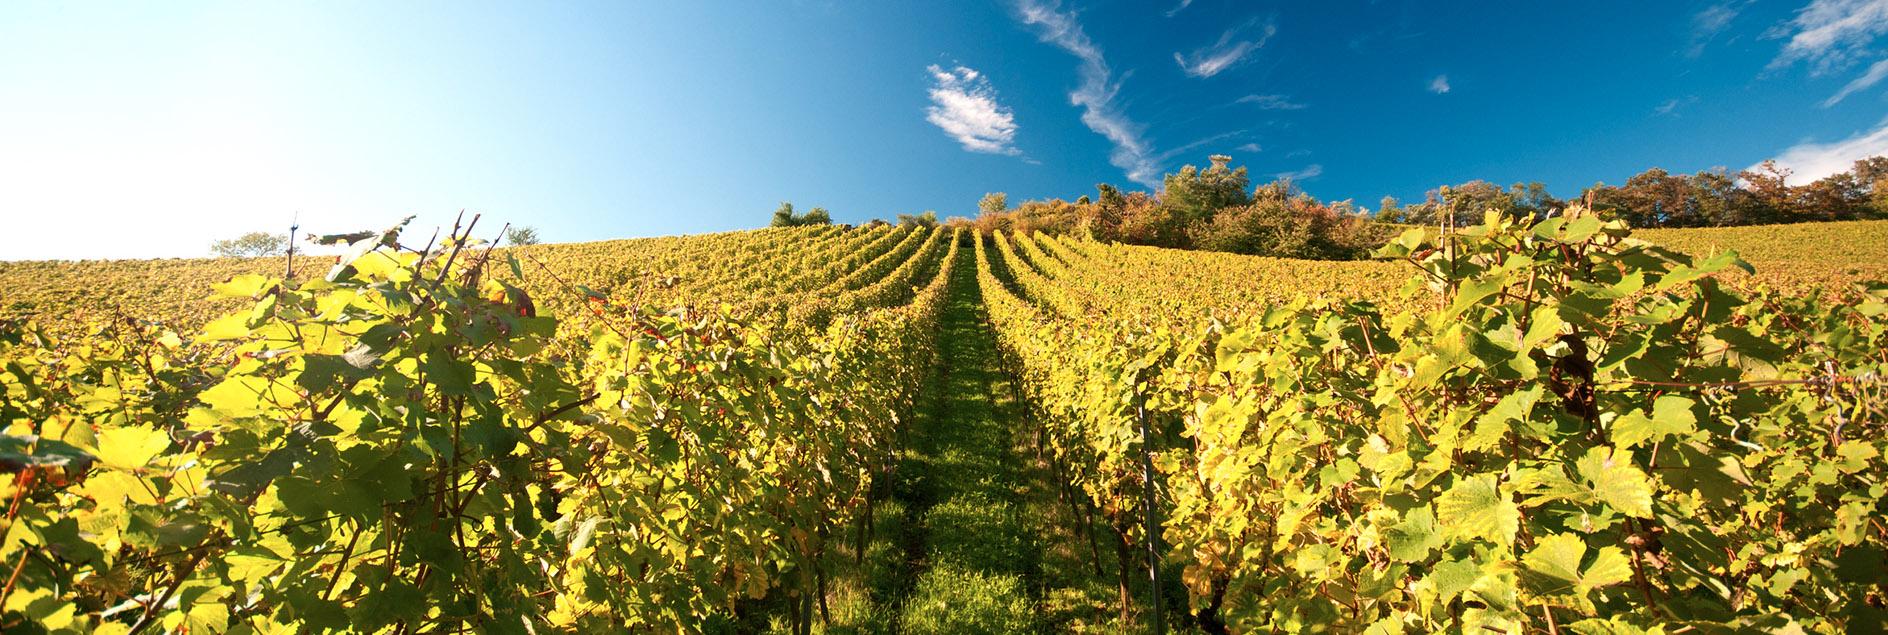 Weinberge Weingut Koppenhöfer